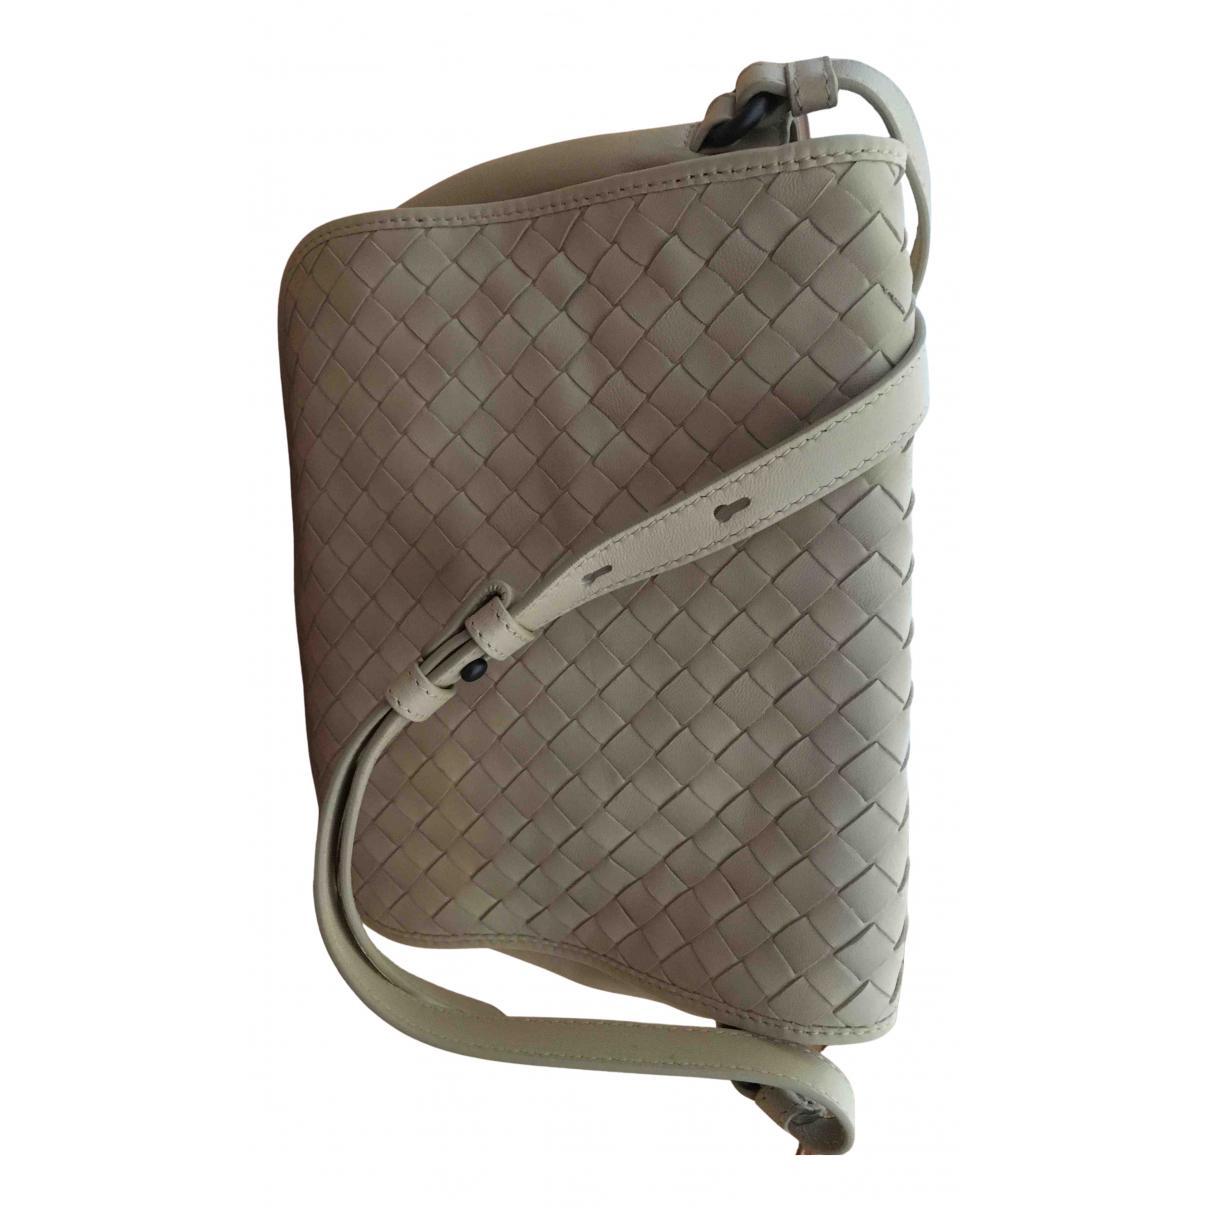 Bottega Veneta Nodini Handtasche in  Beige Leder